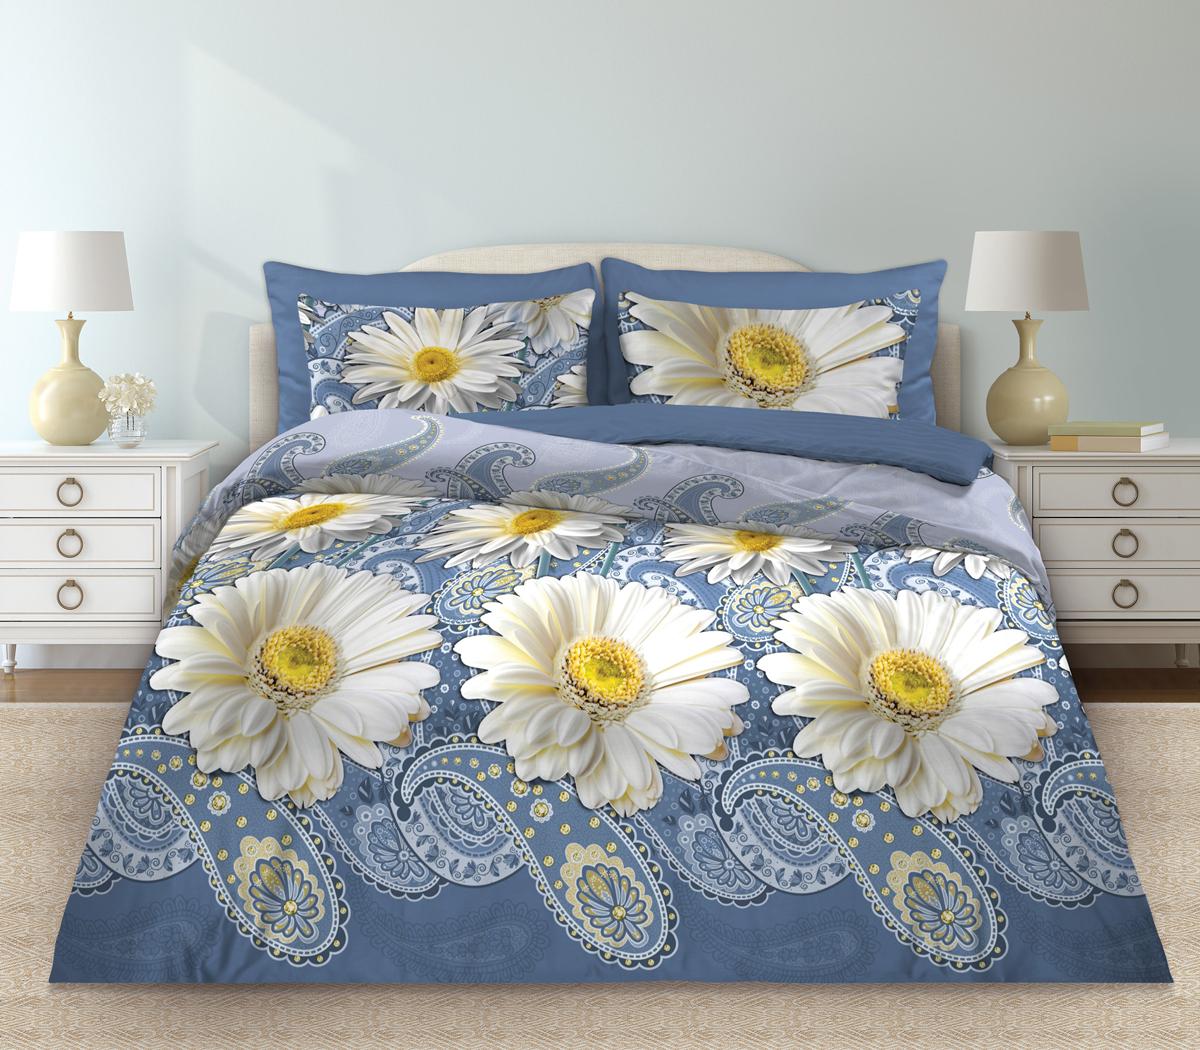 Комплект белья Любимый дом Русский узор, 1,5 спальное, наволочки 70 х 70, цвет: голубой. 33108684840Комплект постельного белья коллекции «Любимый дом» - выполнен из высококачественной ткани из 100% хлопка. Такое белье абсолютно натуральное, гипоаллергенное, соответствует строжайшим экологическим нормам безопасности, комфортное, дышащее, не нарушает естественные процессы терморегуляции, прочное, не линяет, не деформируется и не теряет своих красок даже после многочисленных стирок, а также отличается хорошей износостойкостью.